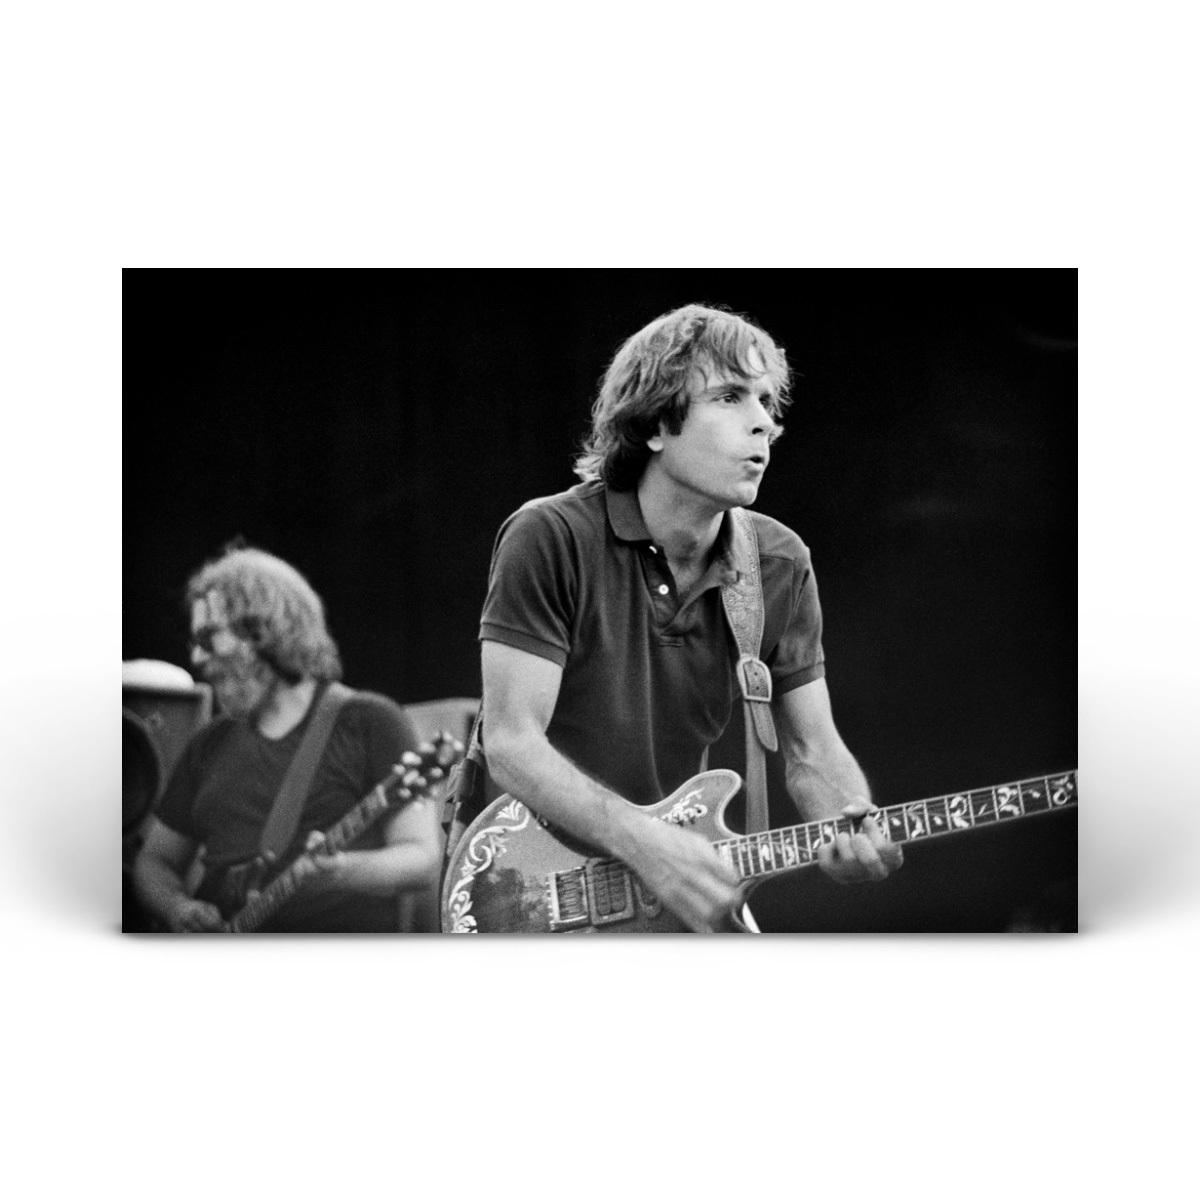 Bobby & Jerry - Palo Alto, CA October 1982